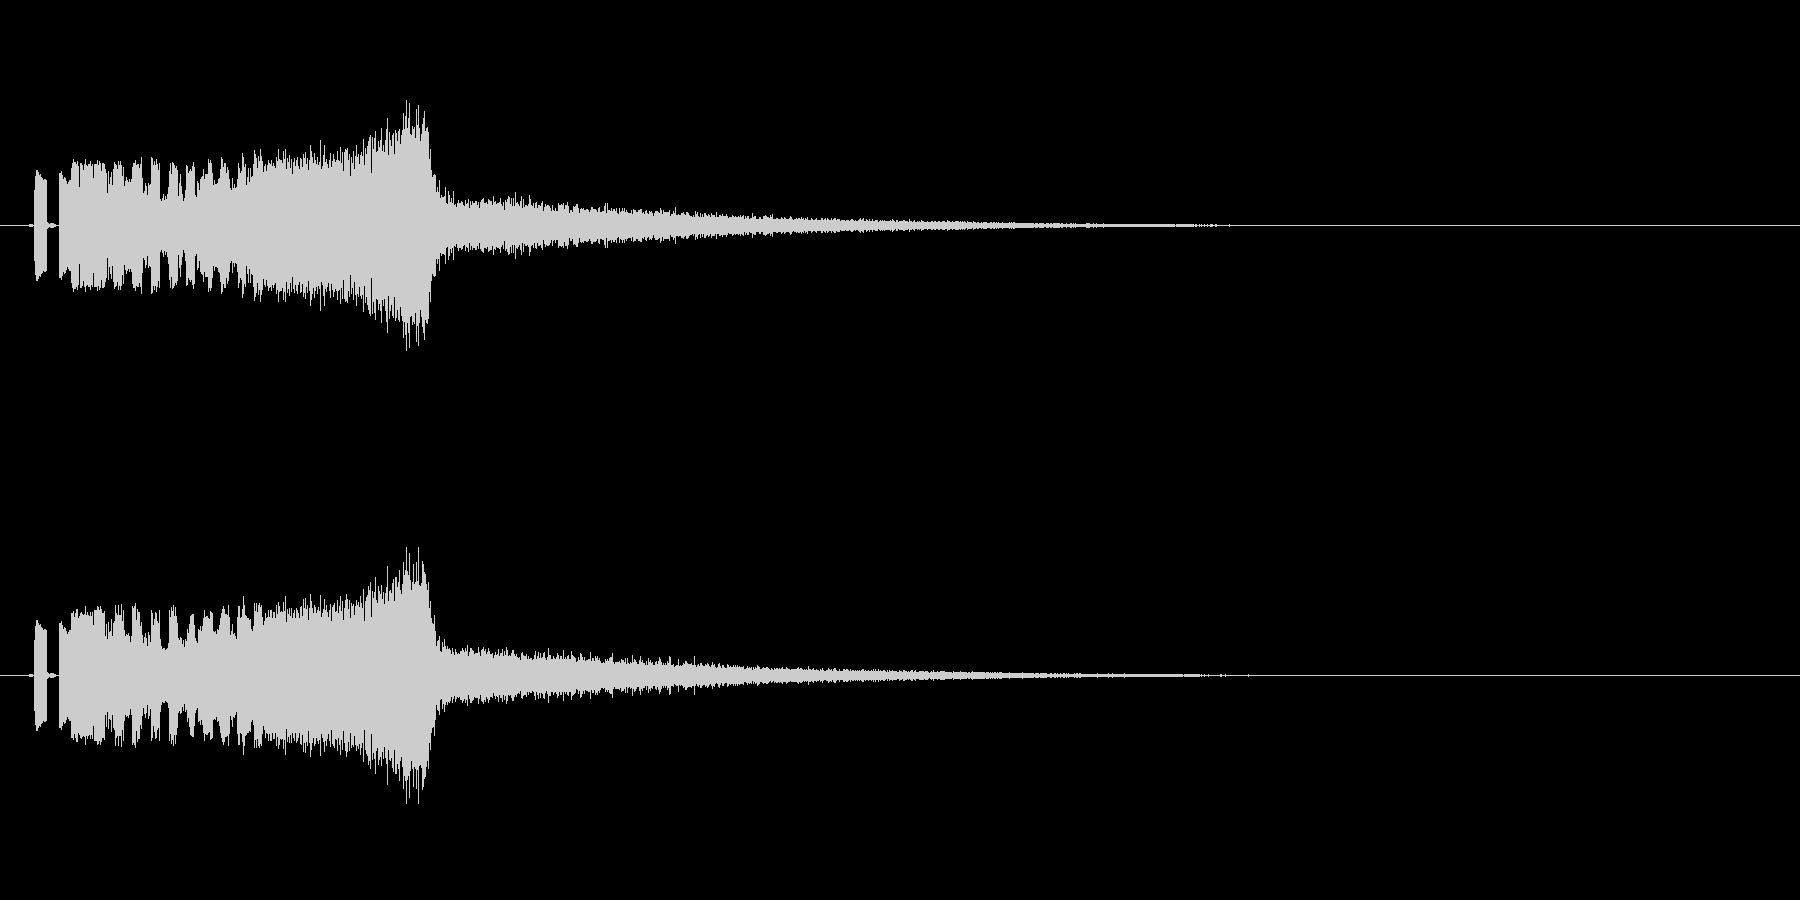 ラジオジングルキットFMジングルの未再生の波形